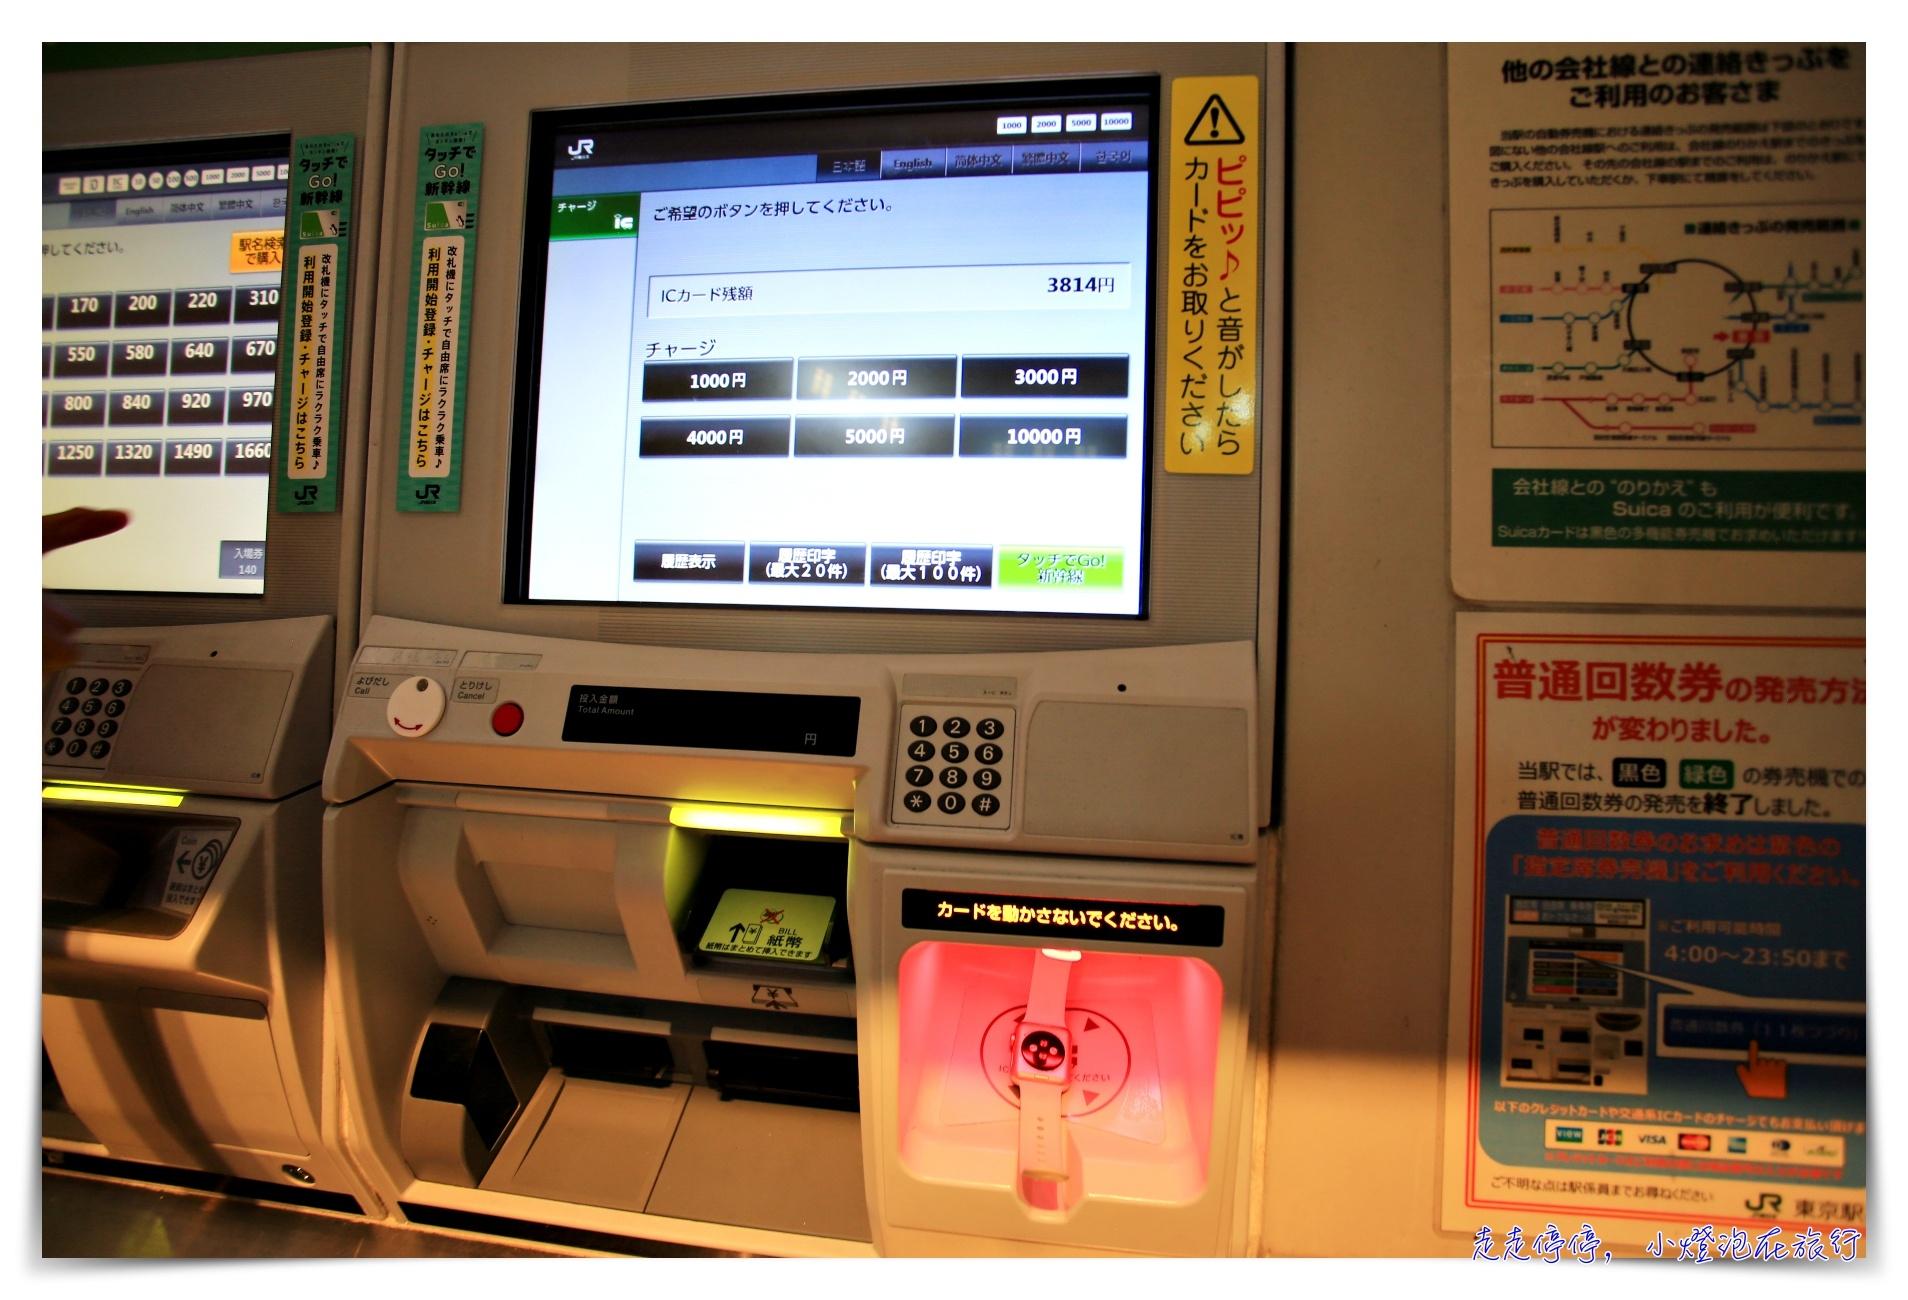 東京|手錶西瓜卡Apple watch日本機器加值紀錄~為了讓蘋果手錶suica發揮最大效用,可以一直去日本